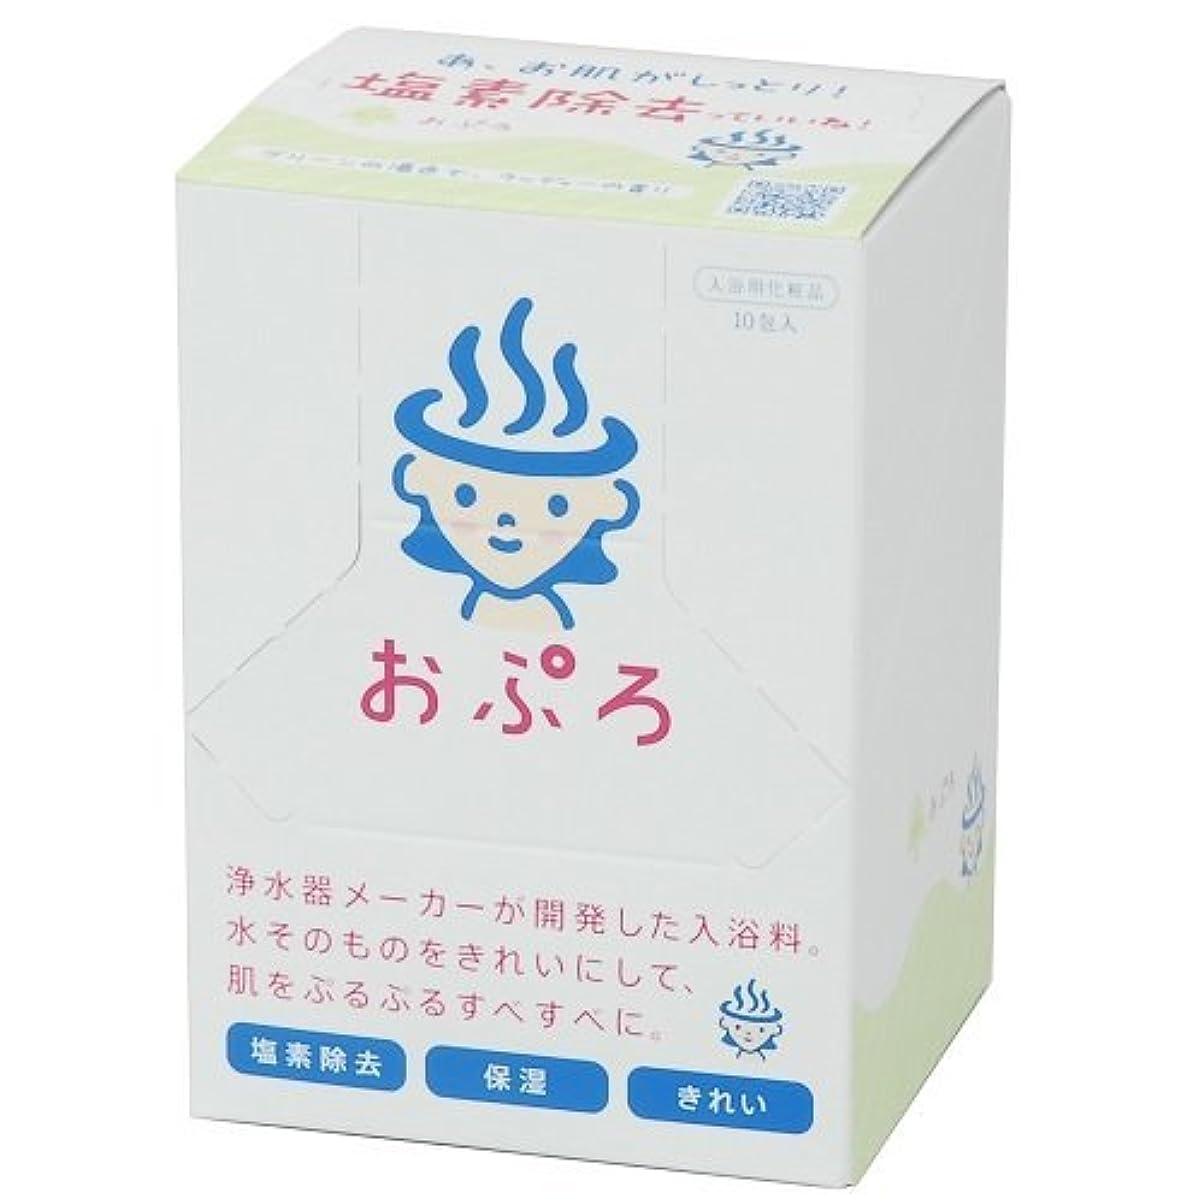 ひいきにするインフルエンザ具体的に除塩素入浴料 おぷろ もり 10包入